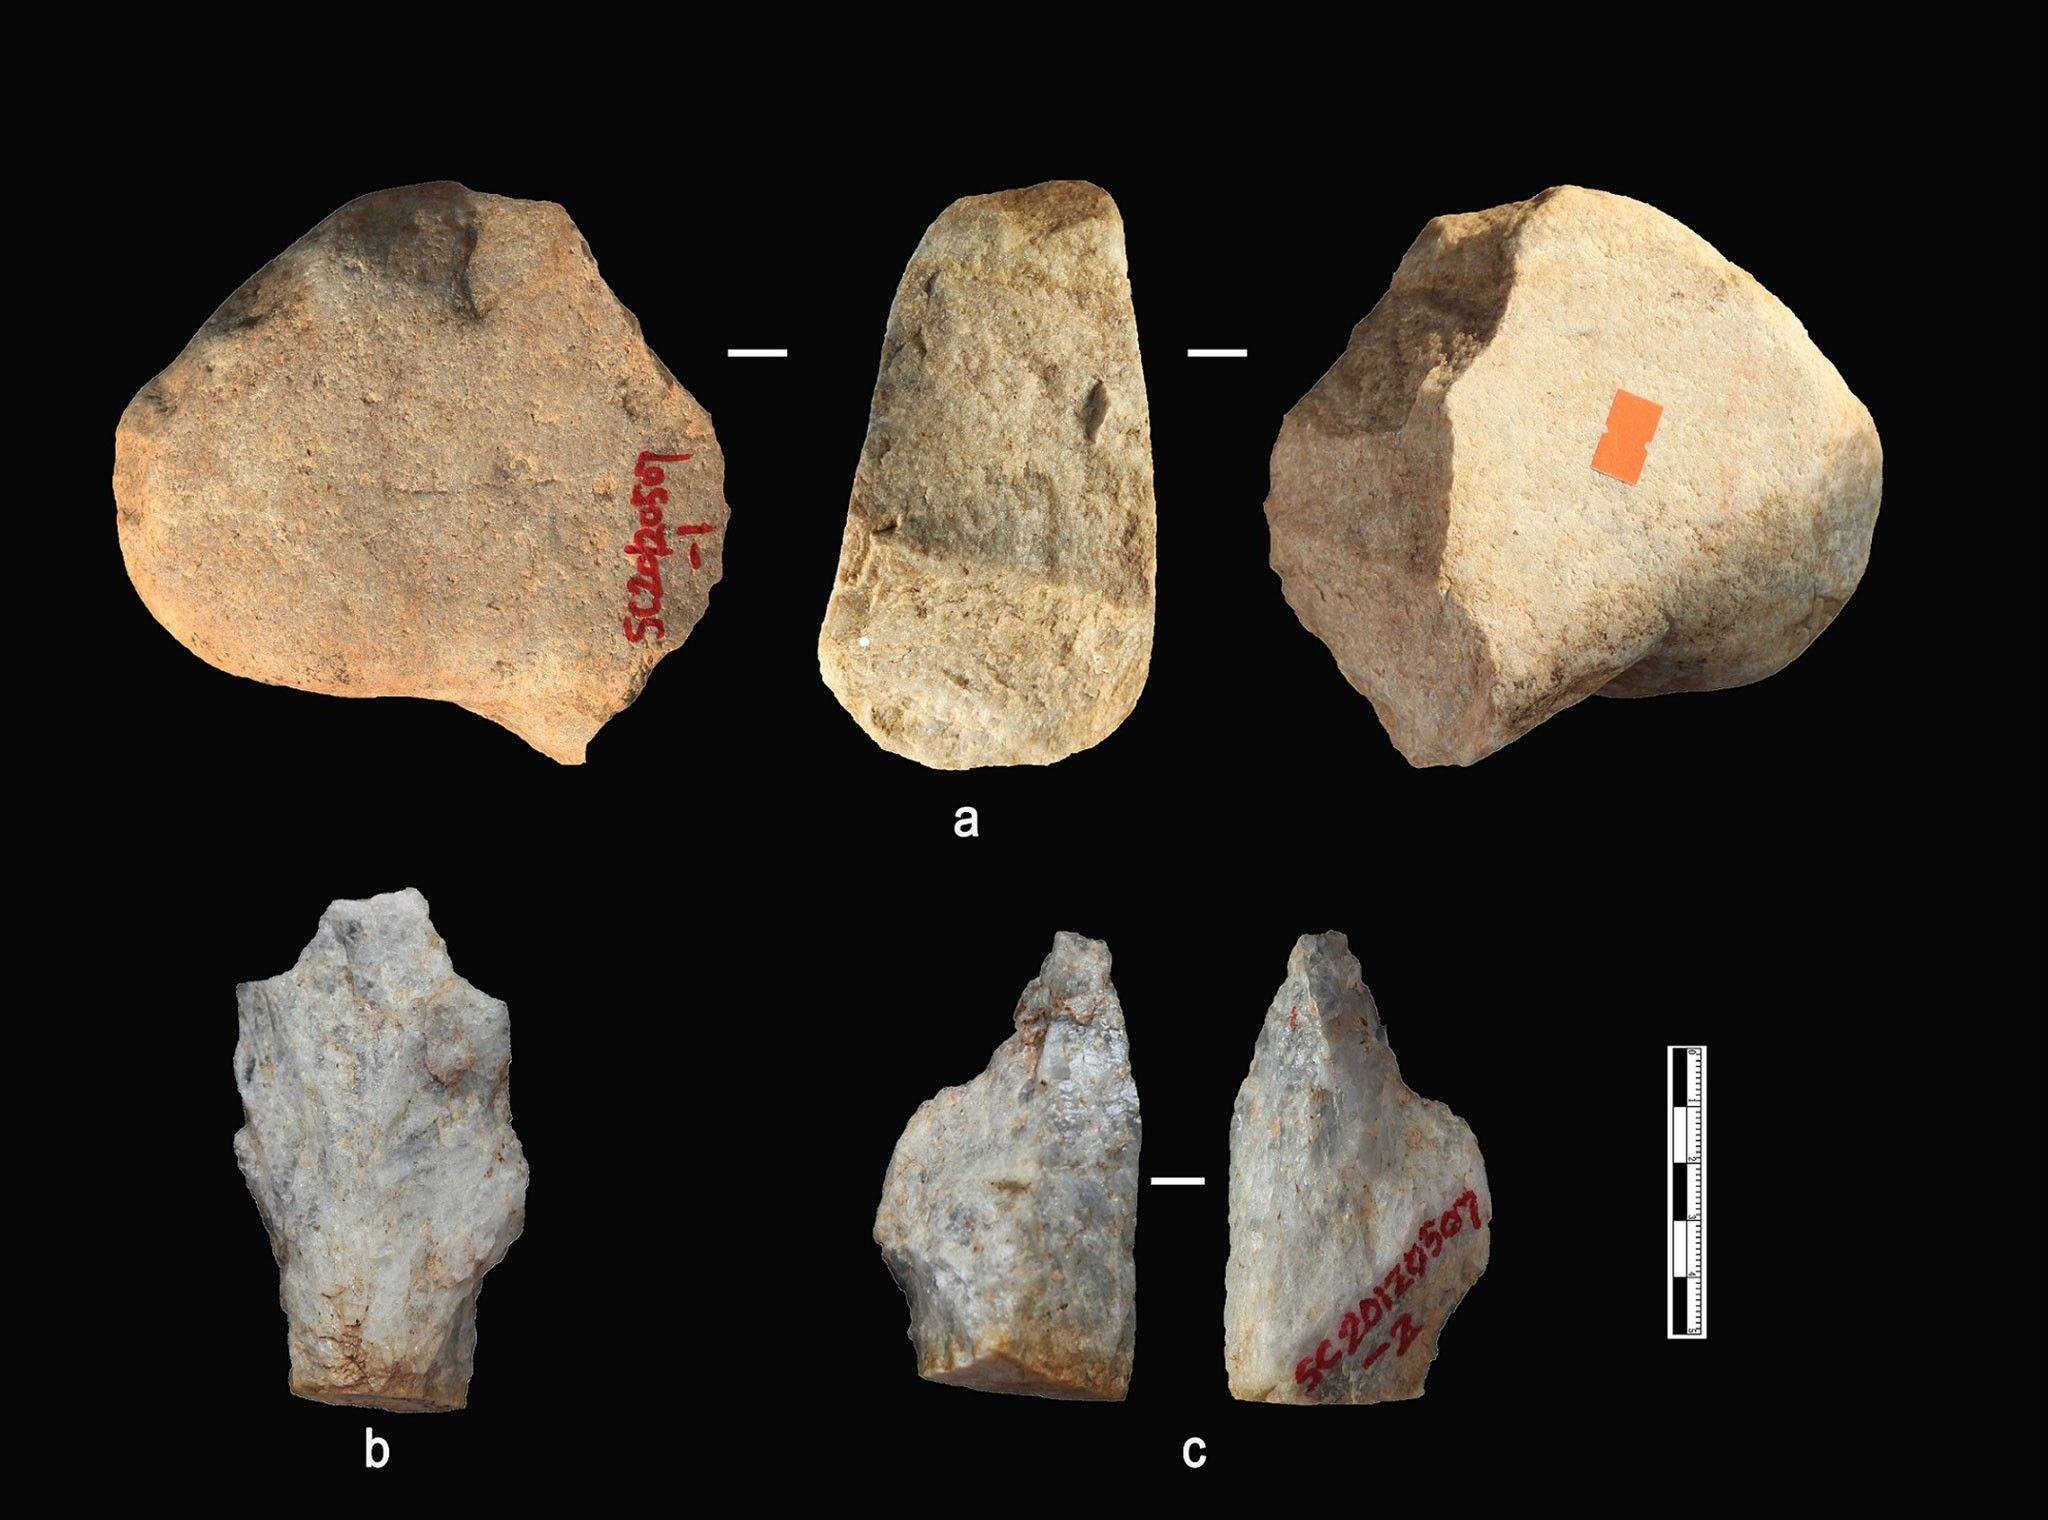 Ferramentas mais antigas encontradas fora da África reescrevem a história humana | National Geographic